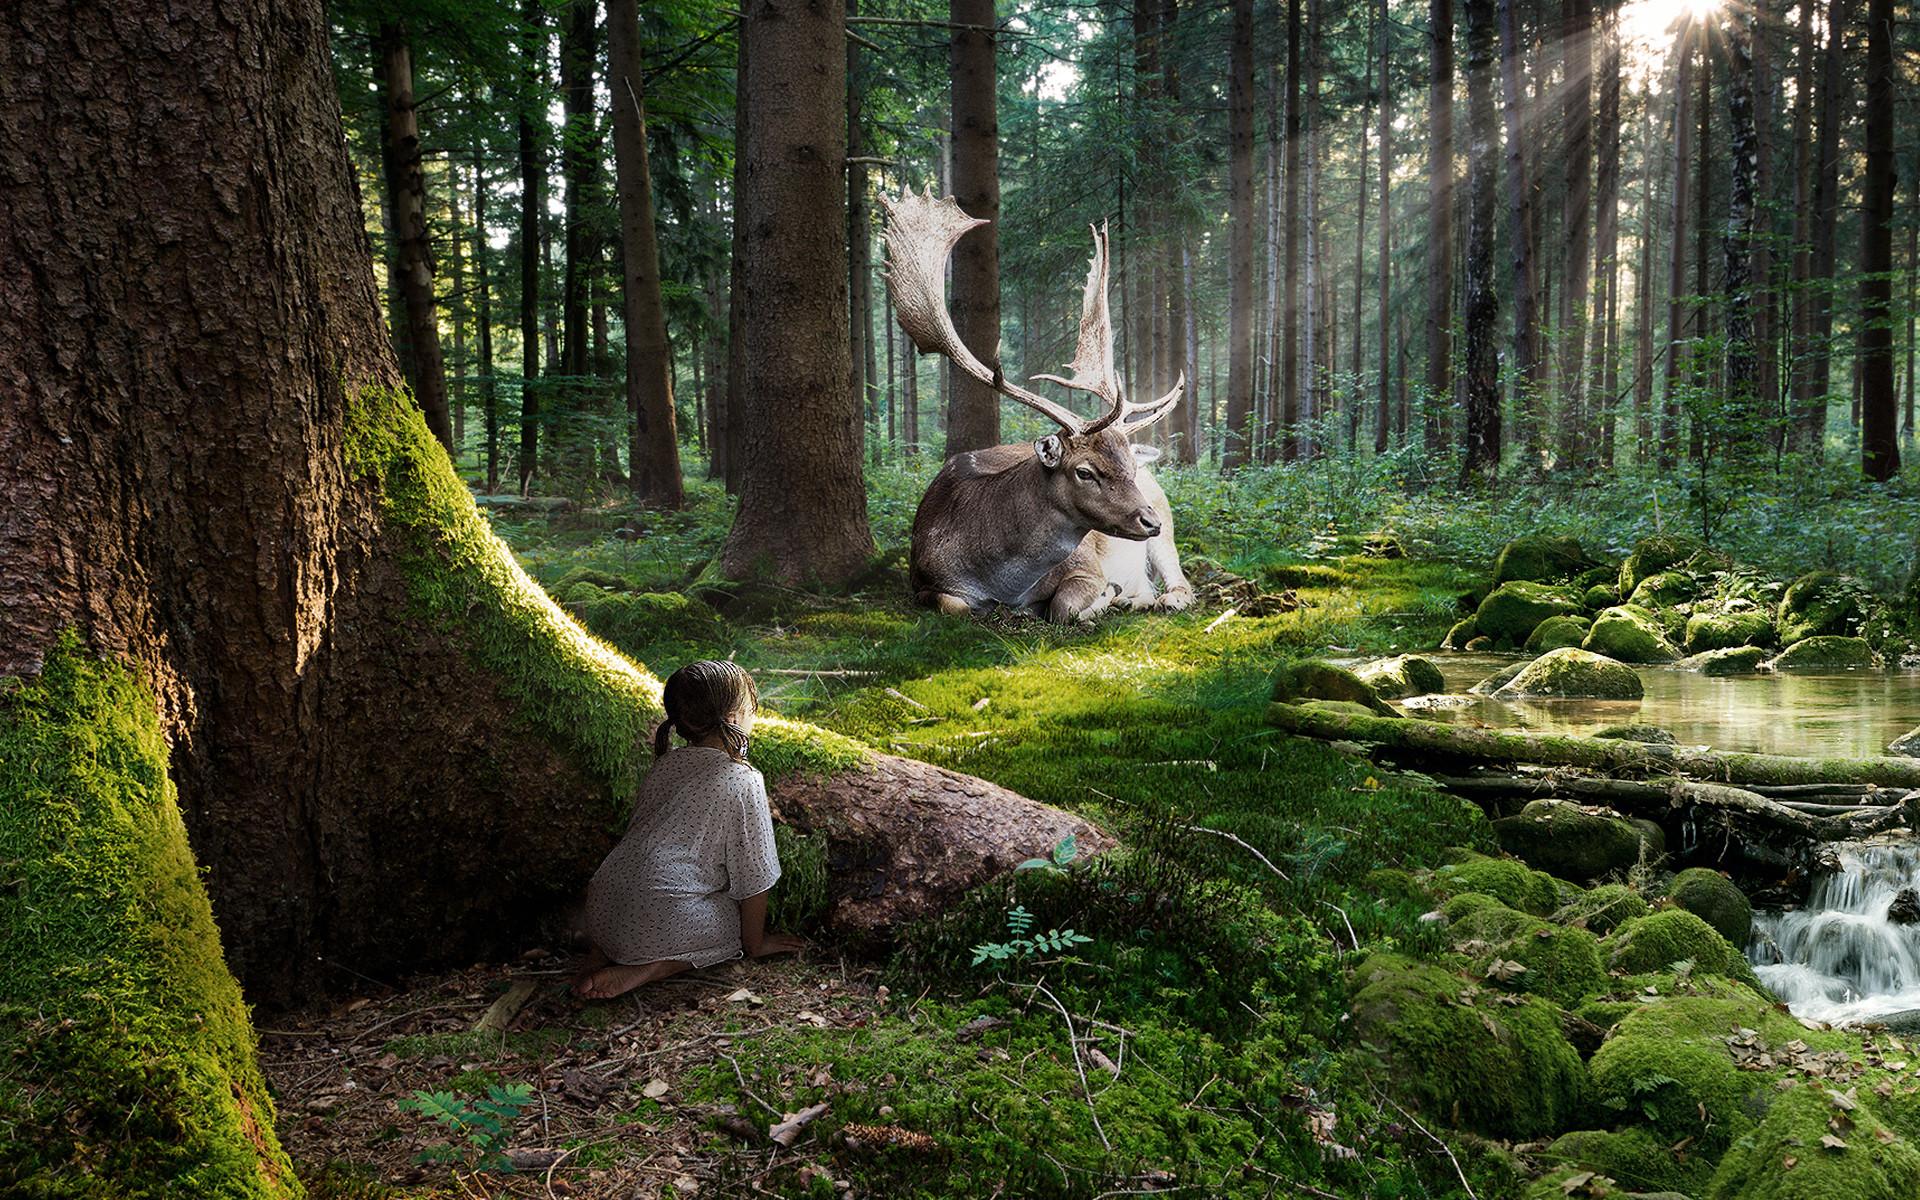 Fairy Tale Wallpaper | Fairytale Forest Enchanting Hd wallpaper – HD  Wallpapers